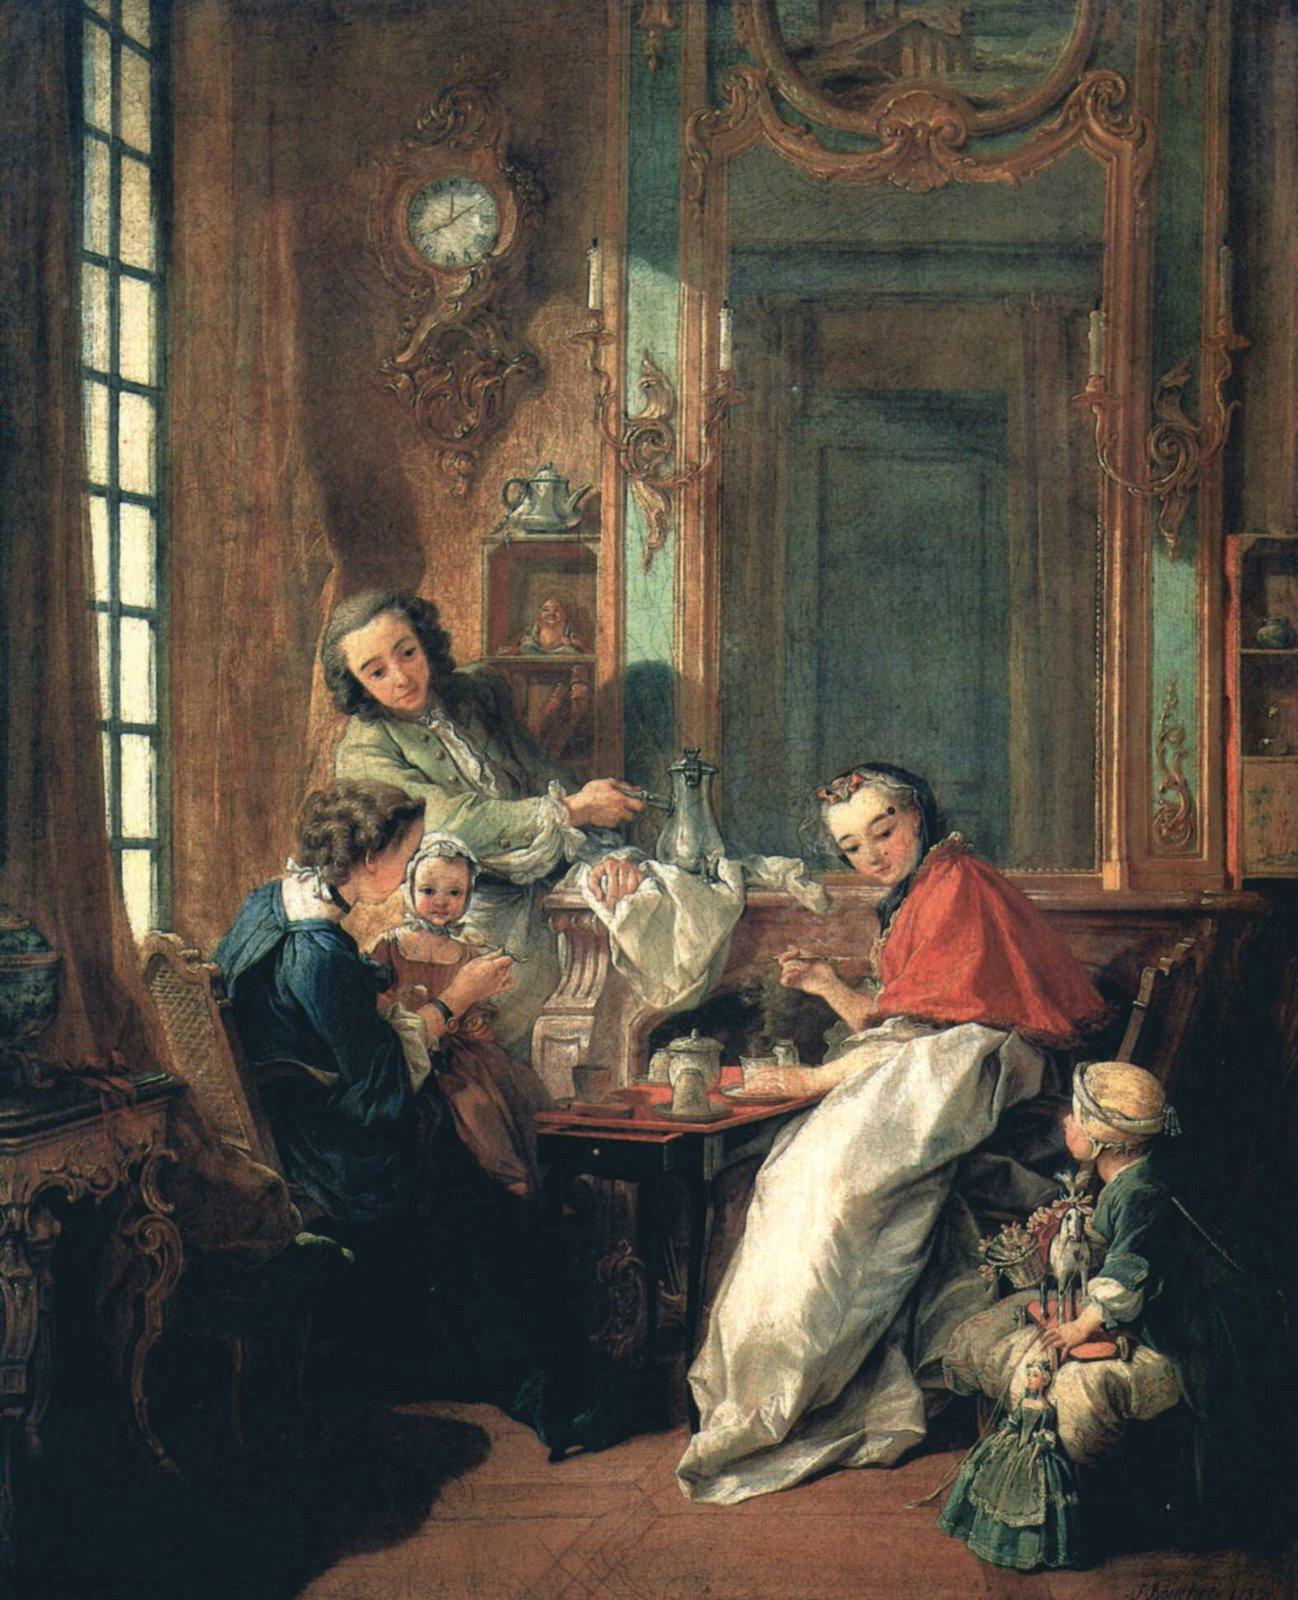 [François-Boucher-Le-dejeuner-1739-Huile-sur-toile-81,5x65,5cm-Musee-du-Louvre,Paris.jpg]